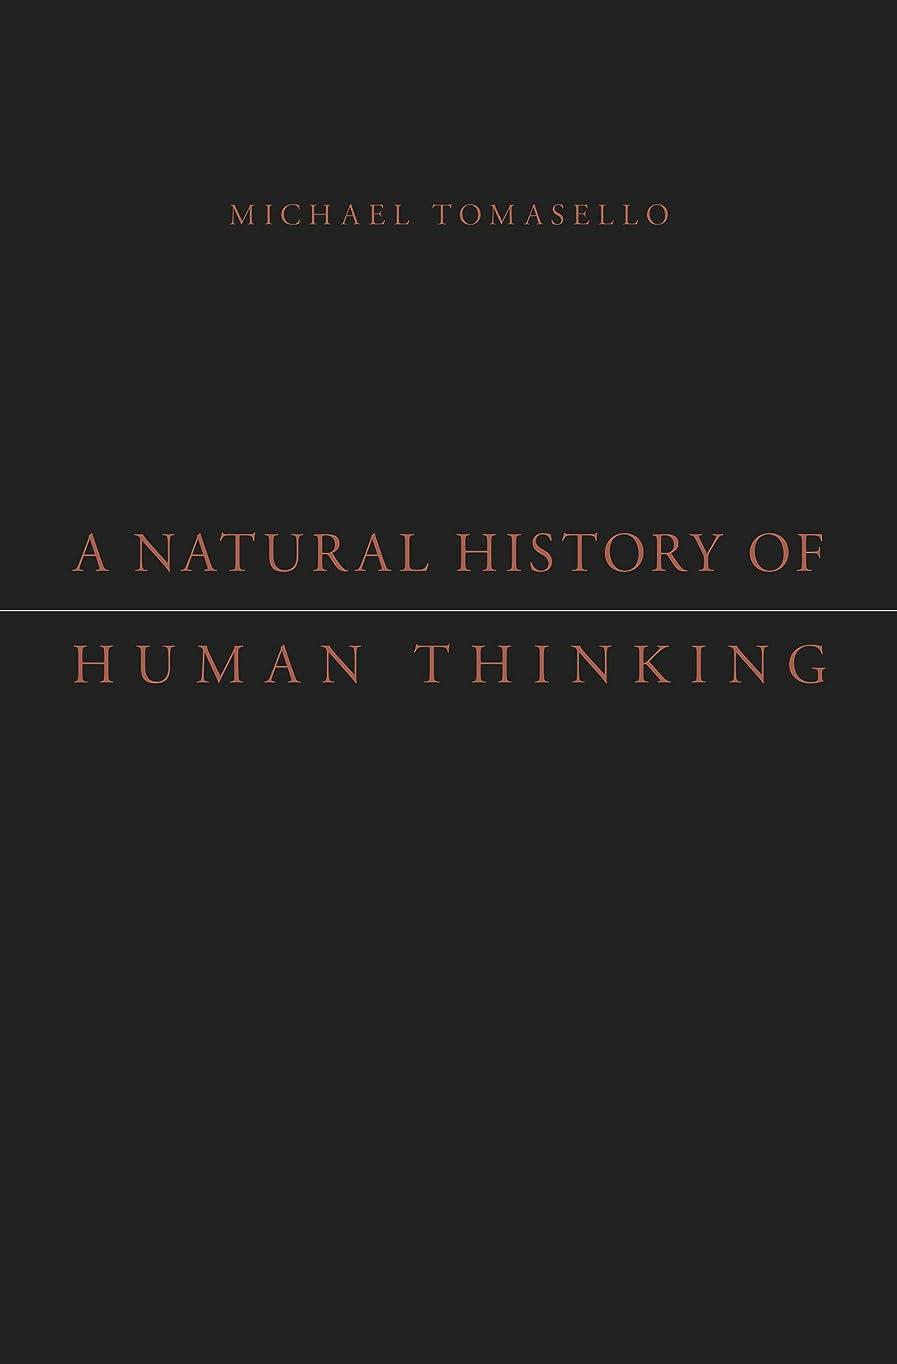 拒絶する先死A Natural History of Human Thinking (English Edition)